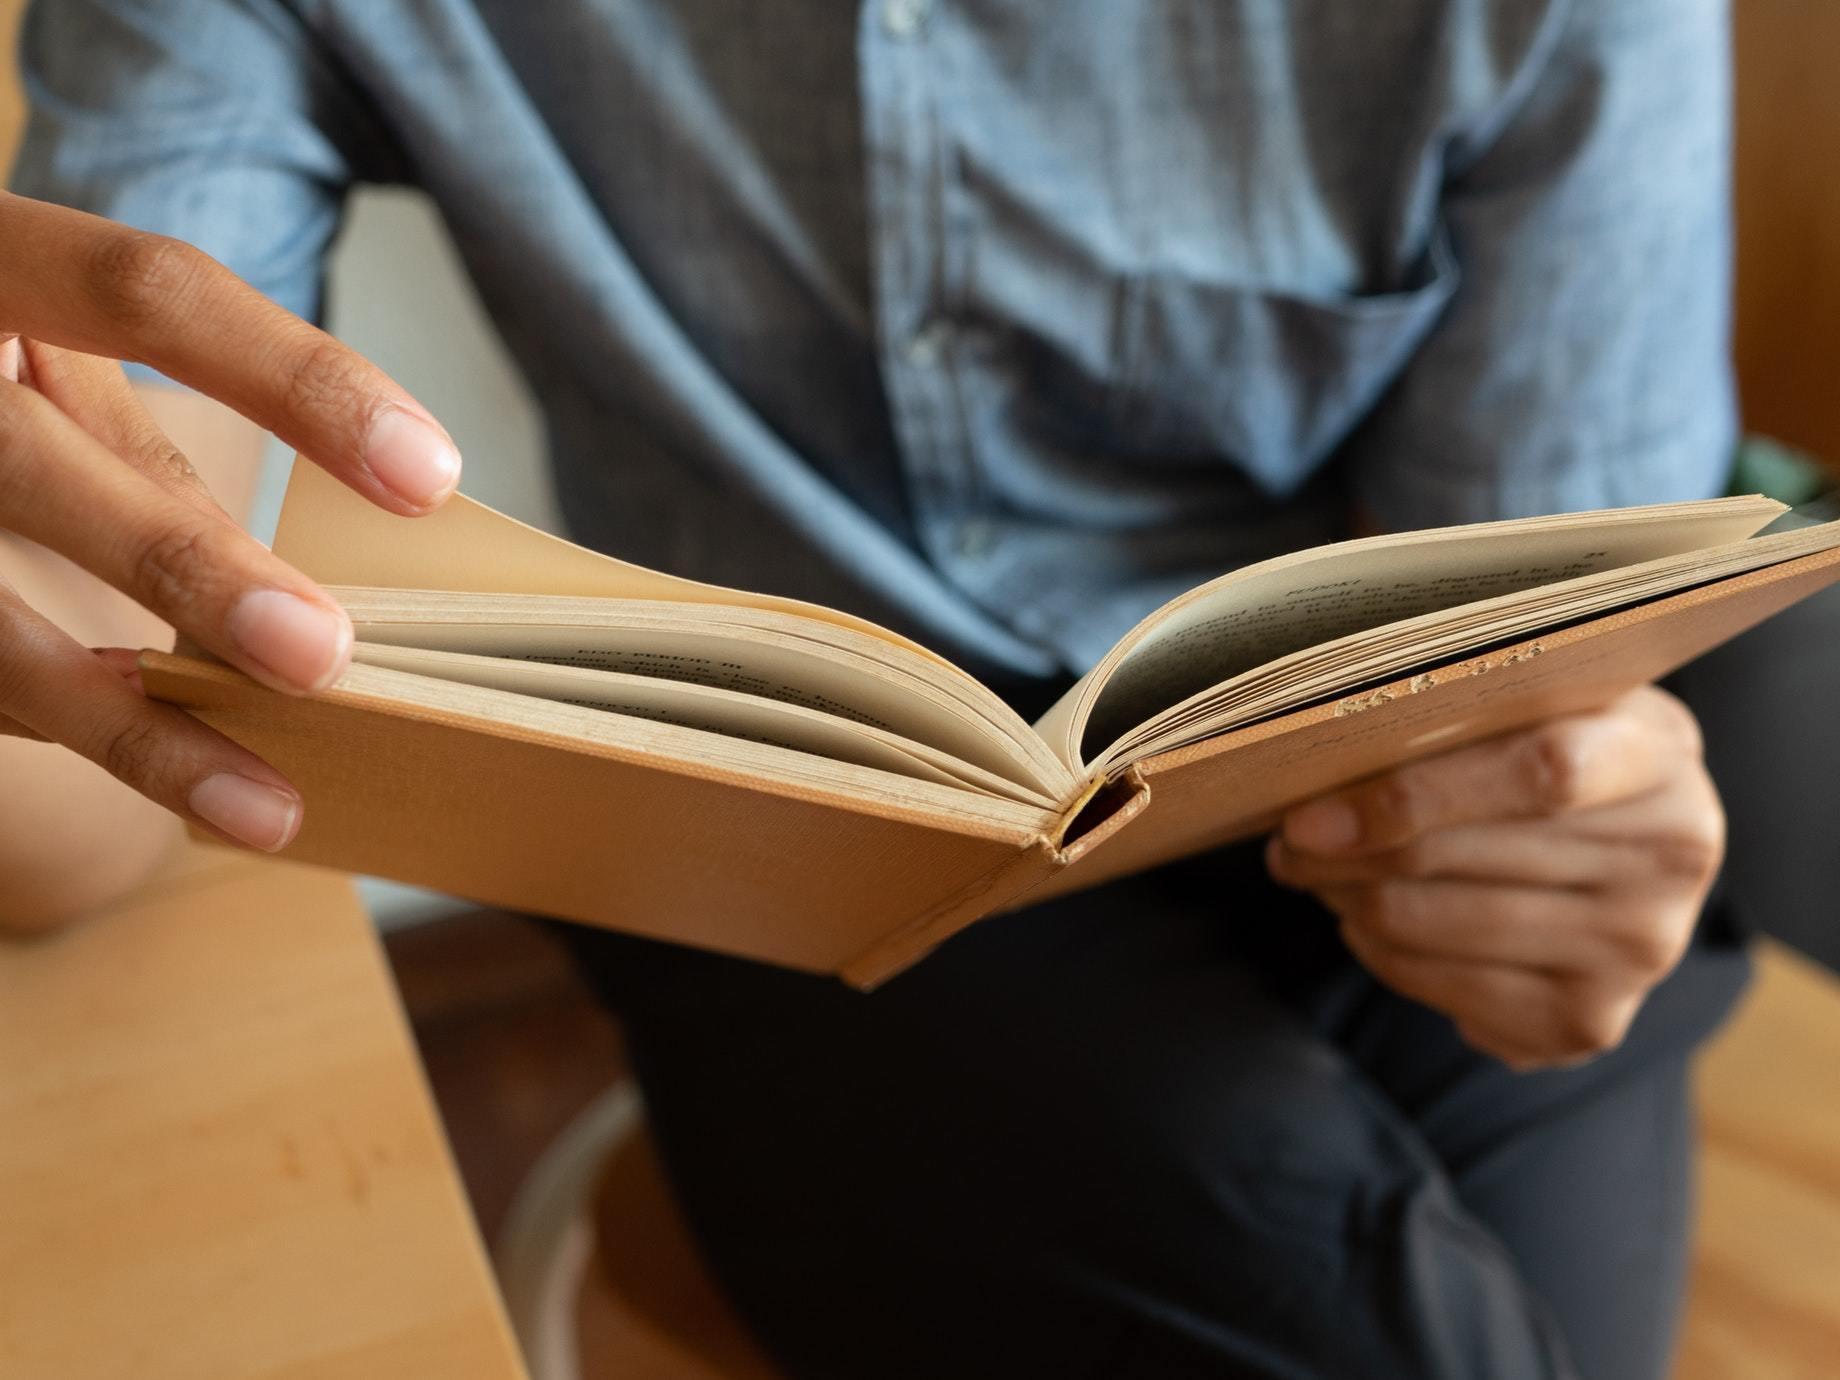 想擺脫窮忙?「學習力」是你該培養的第一技能